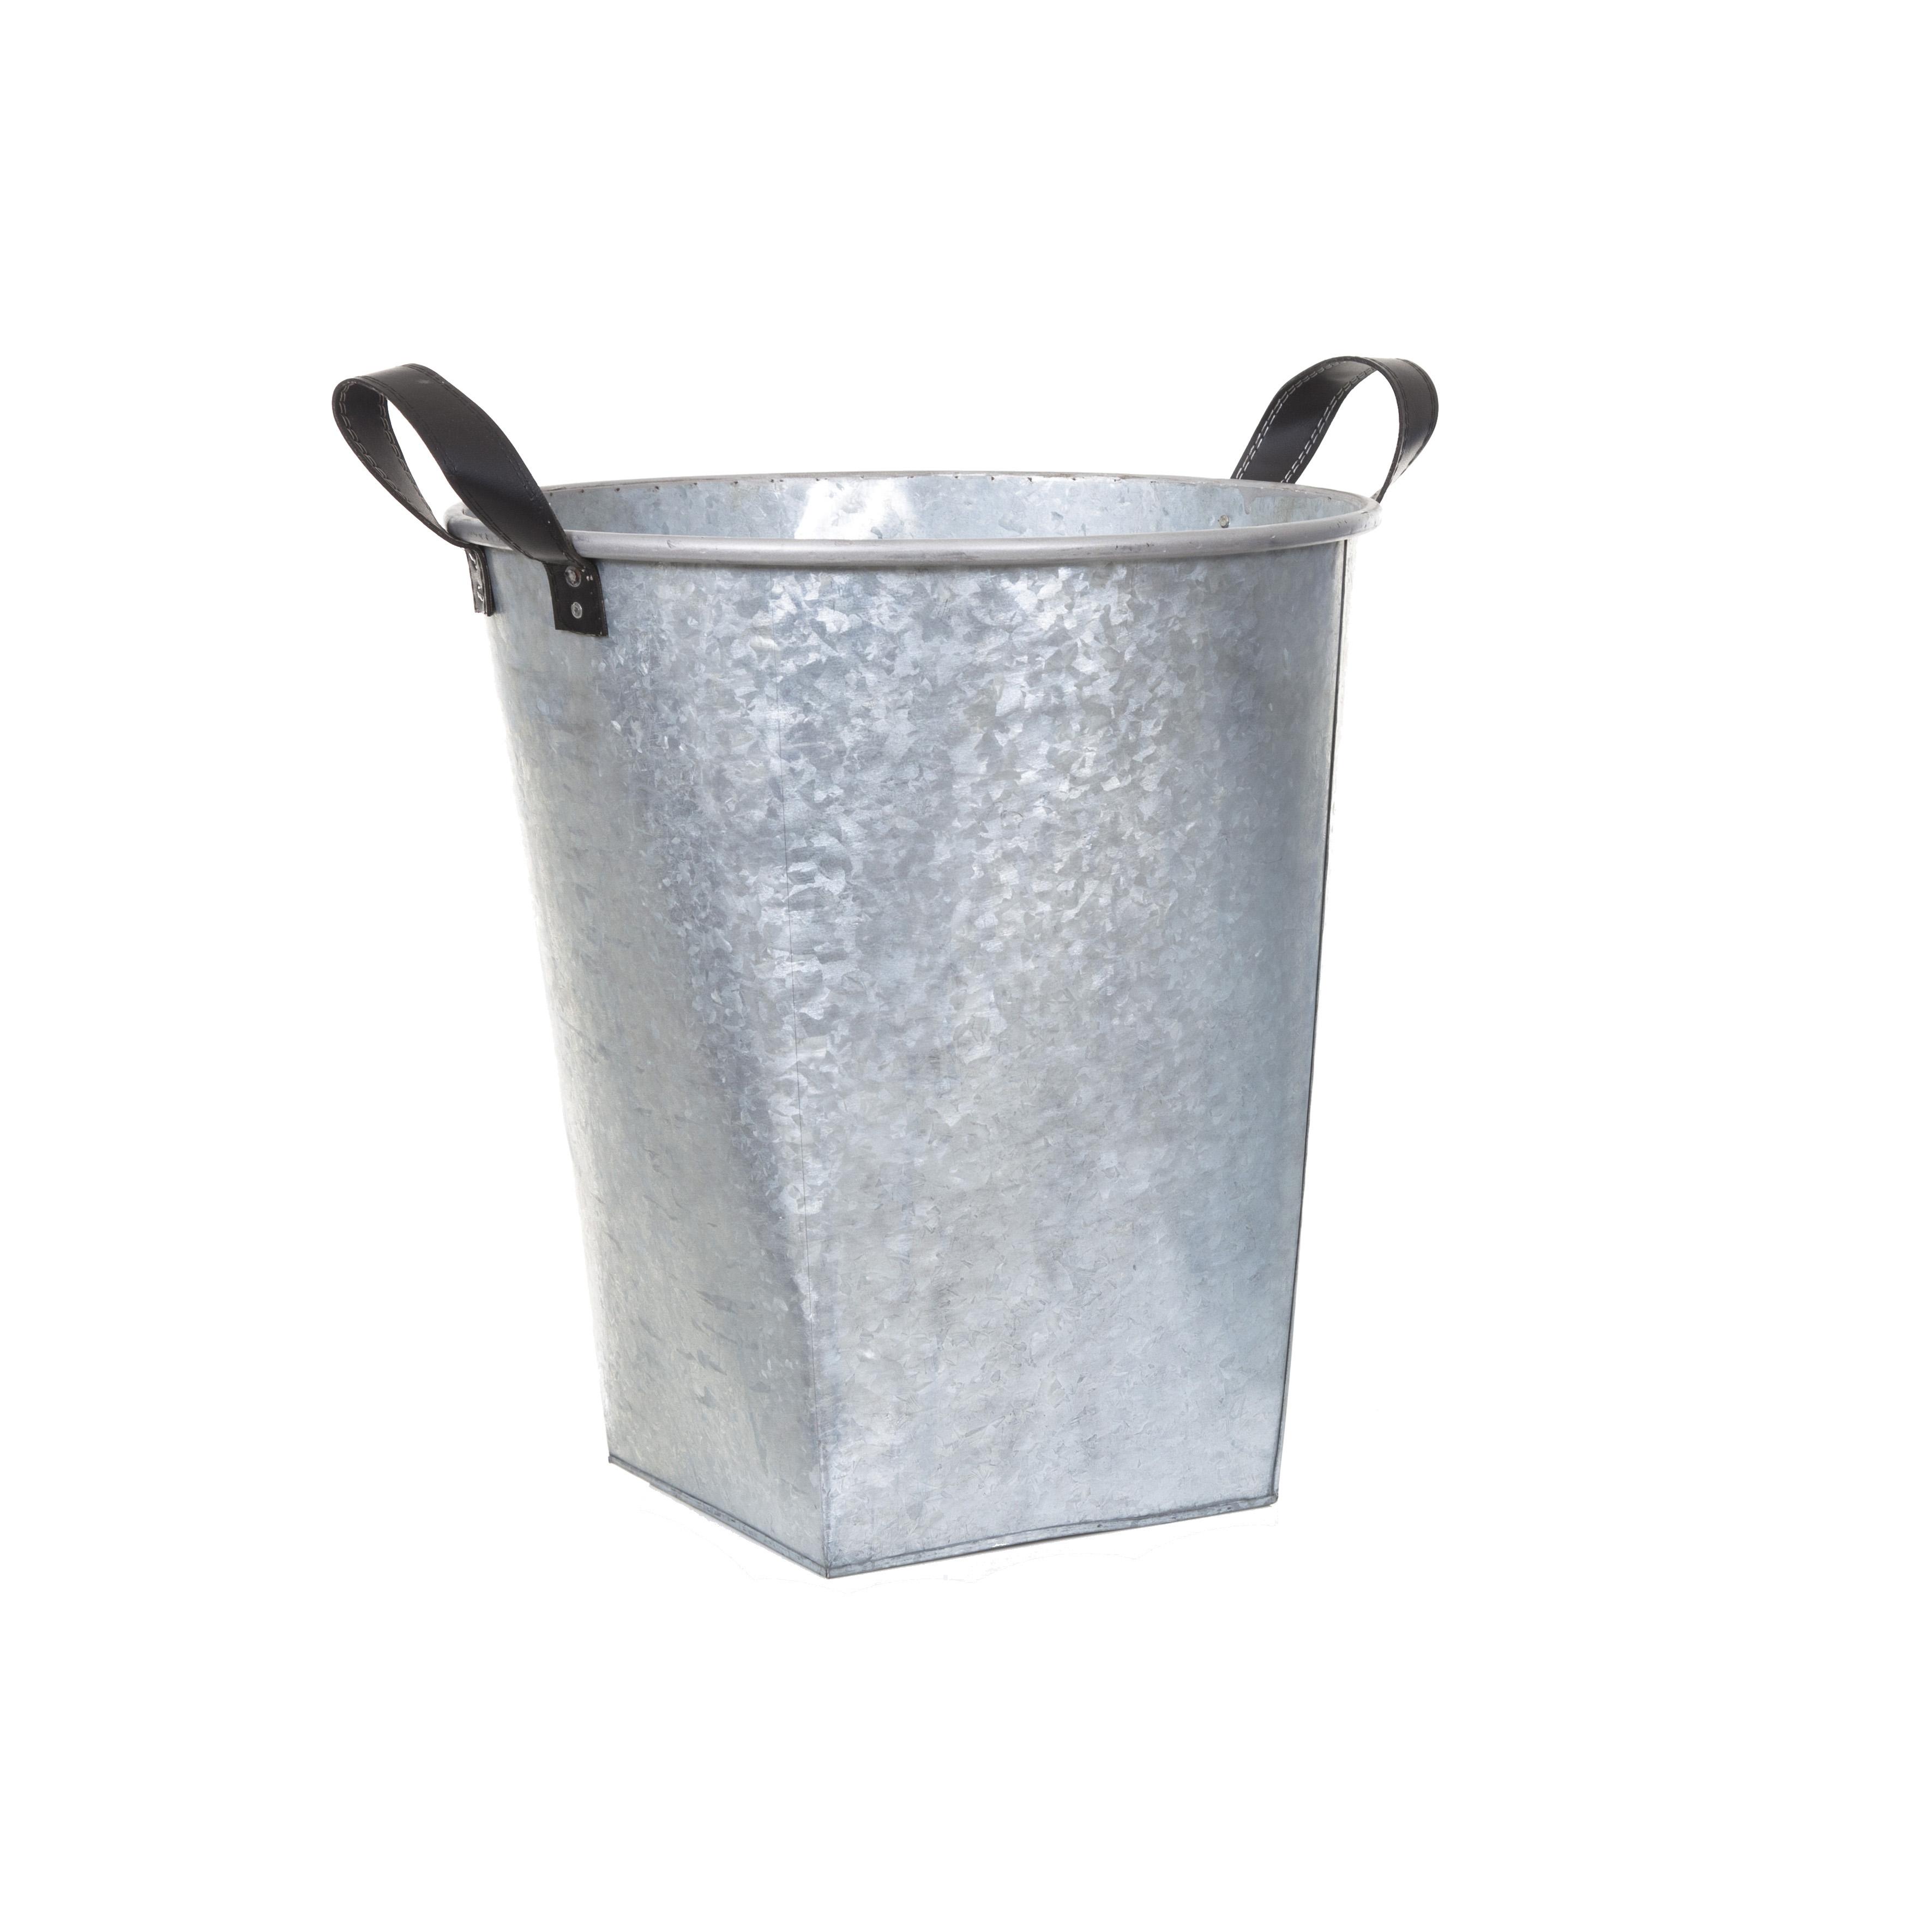 Holmen Lucan Kurv 40x45 cm metall